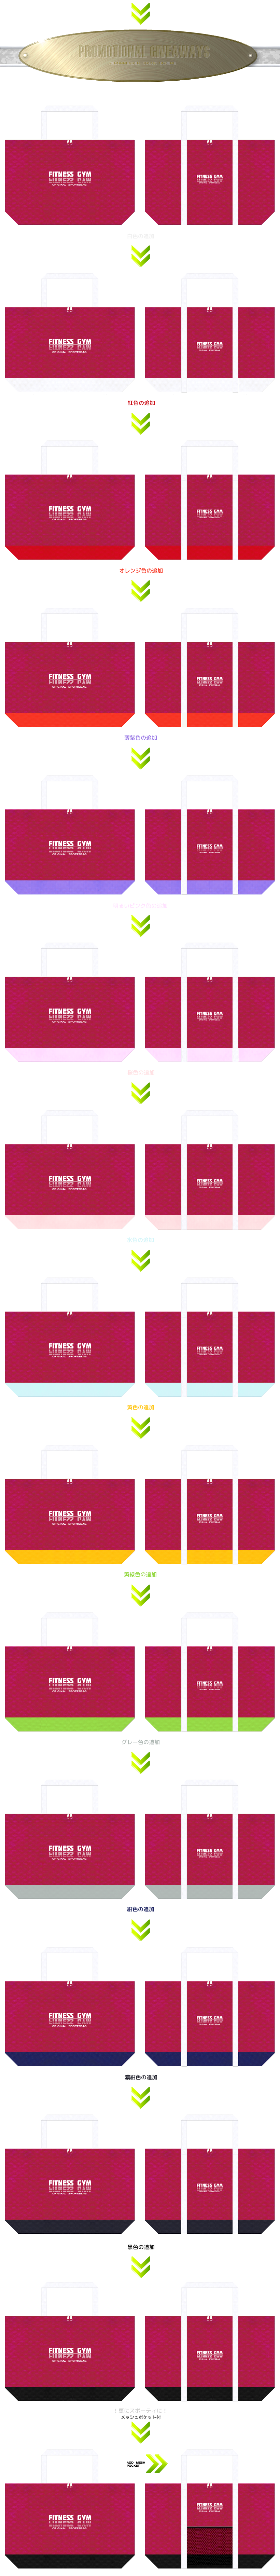 濃いピンク色と白色メインの不織布スポーツバッグのカラーシミュレーション:スポーツイベント・フィットネスジムのノベルティにお奨めです。